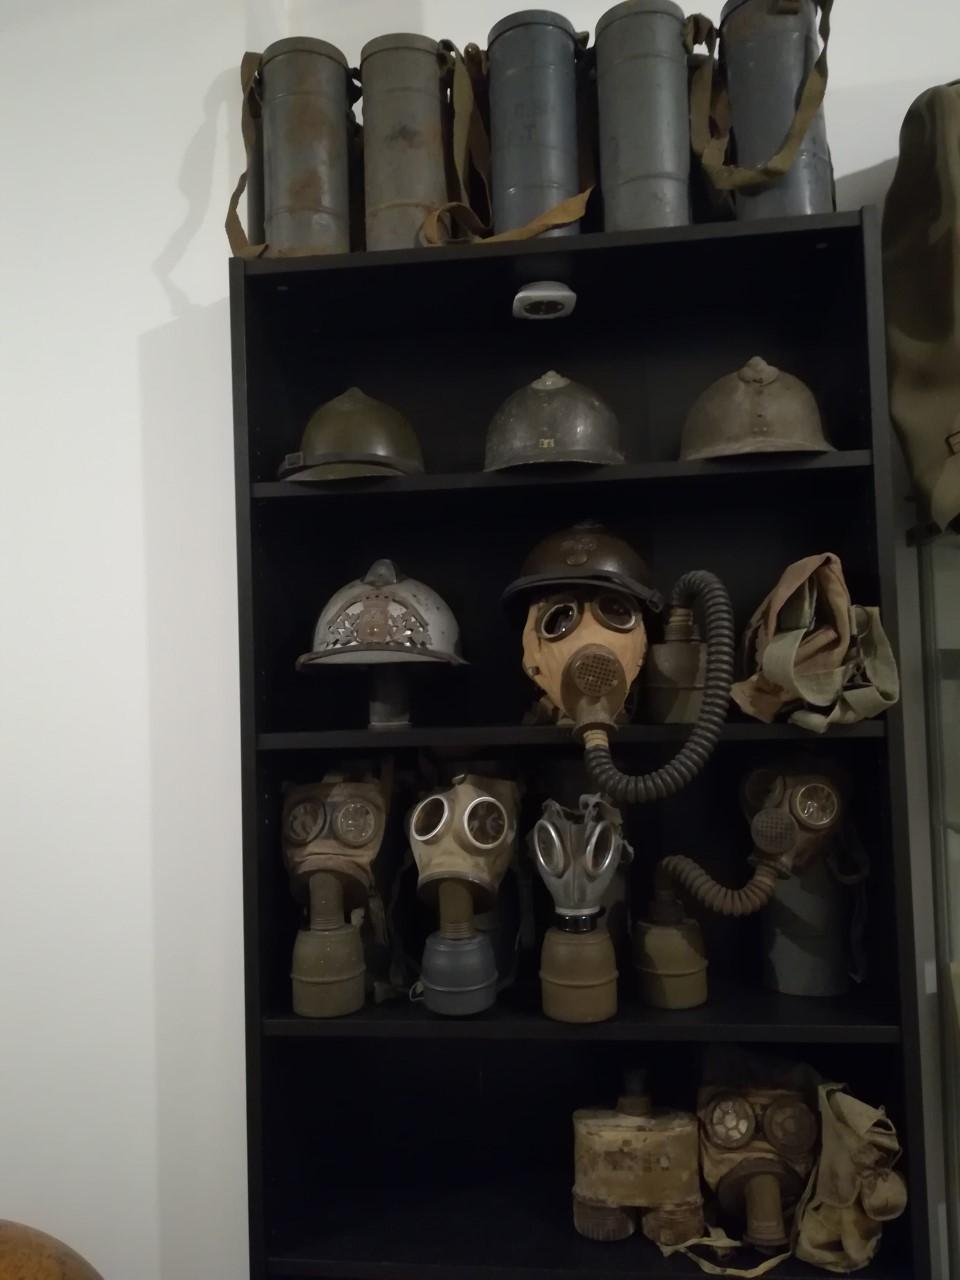 les masques à gaz DP Thumb104